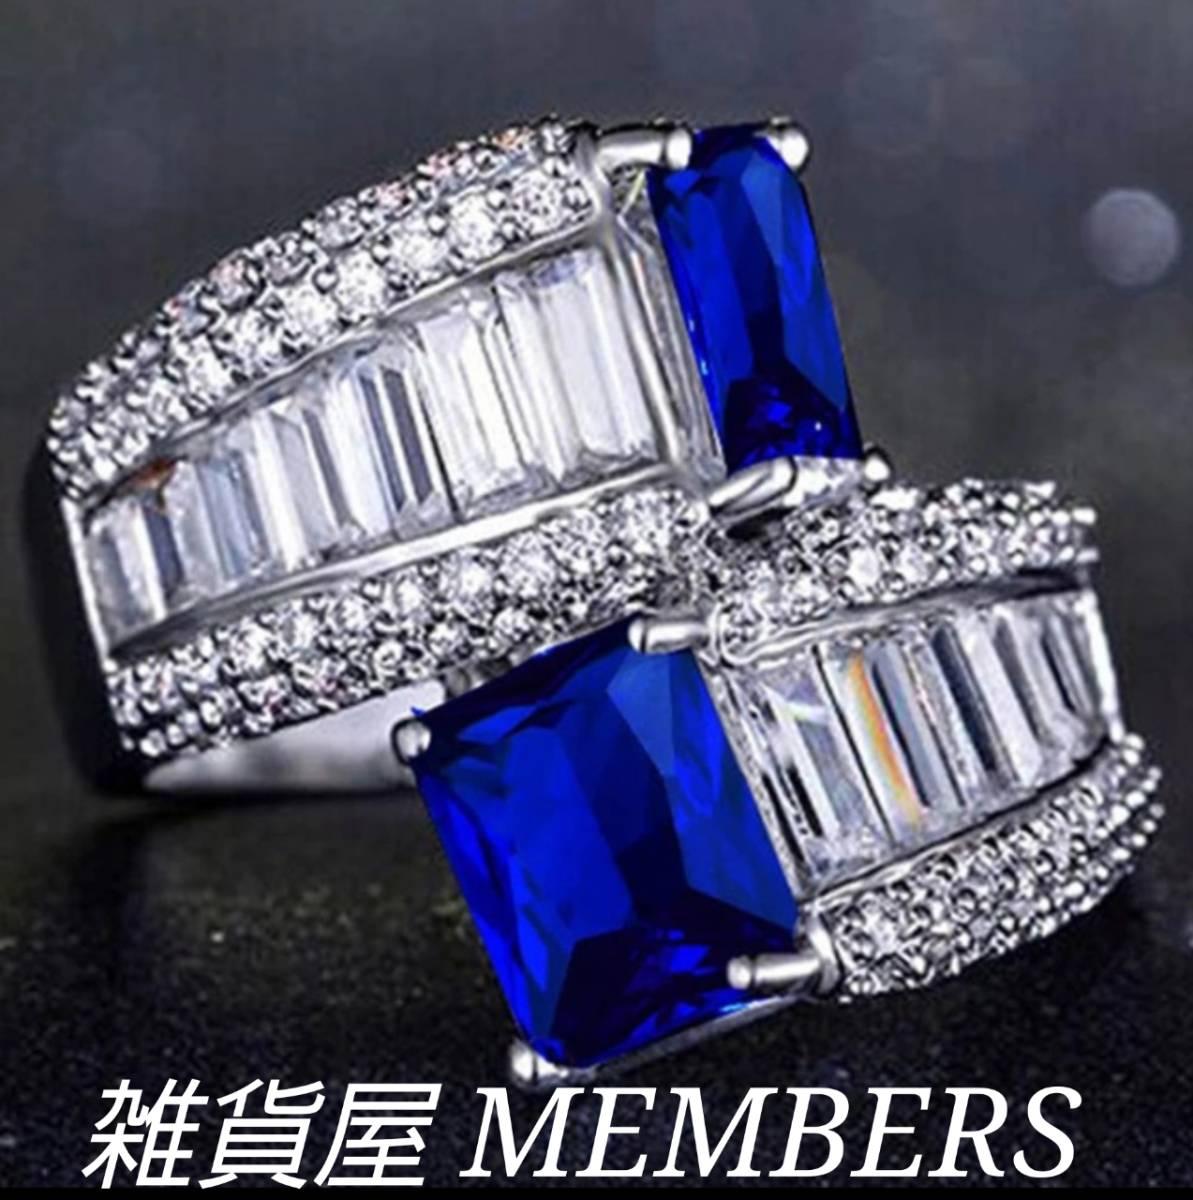 送料無料18号クロムシルバーブルーサファイアクリアスーパーCZダイヤモンドデザイナーズジュエリーインフィニティリング指輪値下残りわずか_画像1